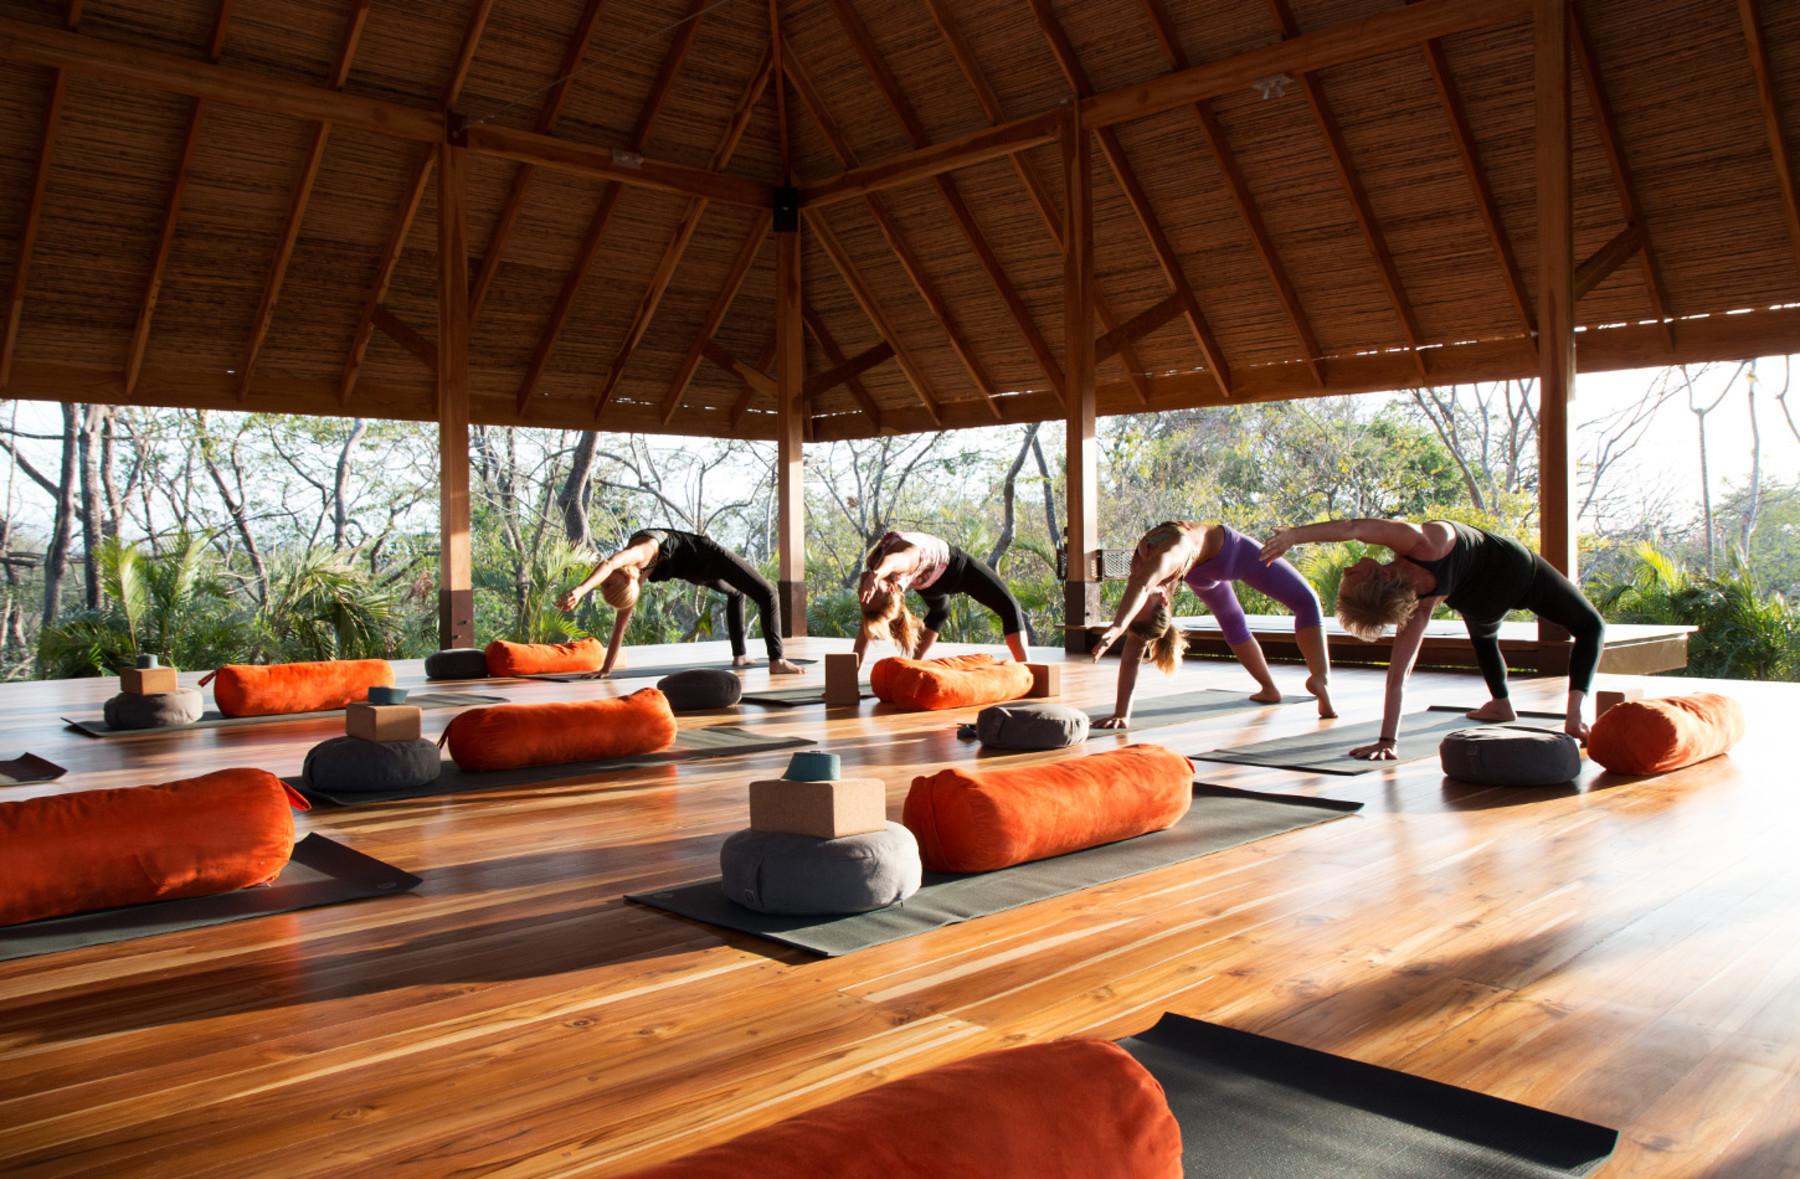 Bodhi Tree yoga studio